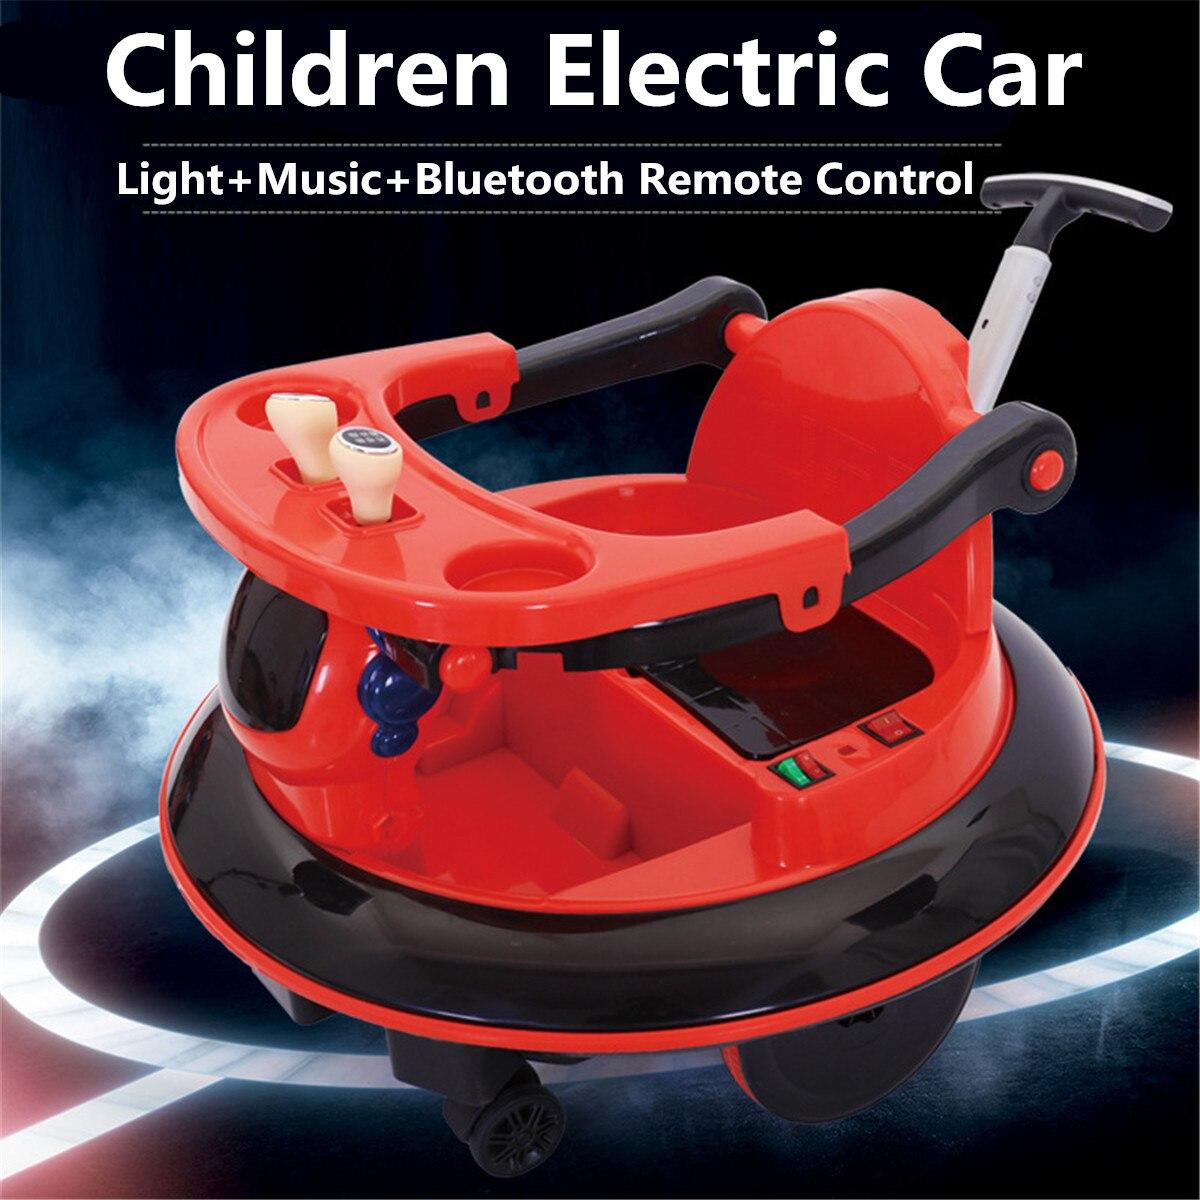 Monter sur des voitures en plein air enfants voiture électrique télécommande véhicules garçons filles monter sur des jouets de voiture pour enfants jouet voiture RC